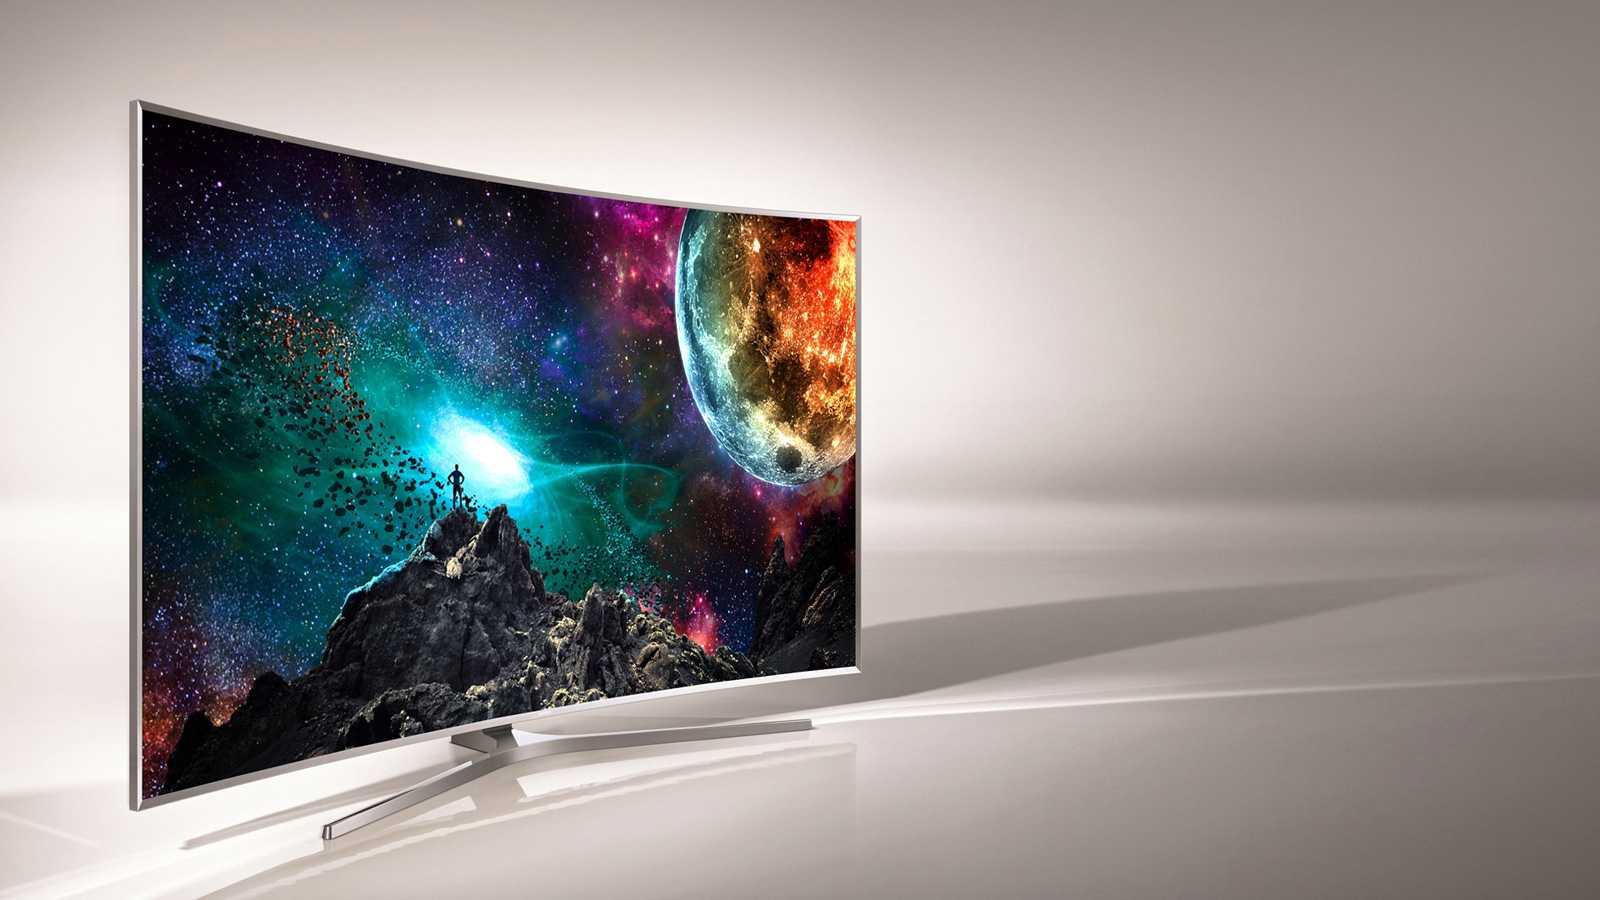 В россии вышли недорогие телевизоры lg nanocell с улучшенной цветопередачей. цены